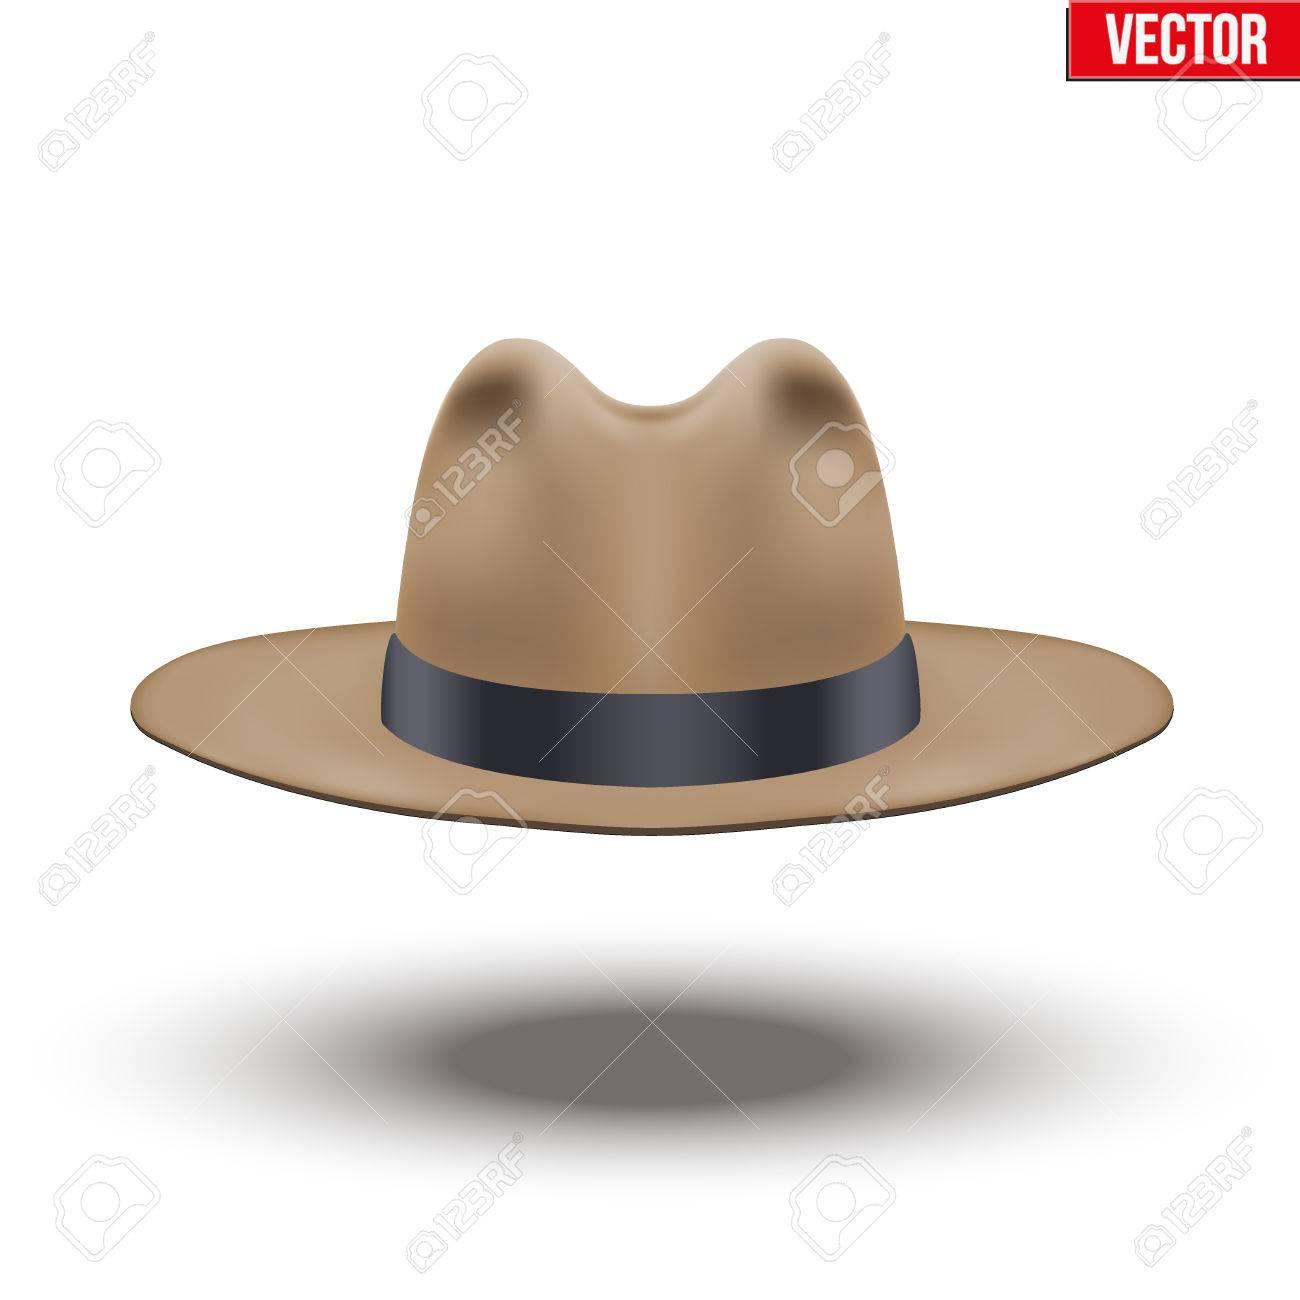 Foto de archivo - Sombrero clásico de los hombres. Color marrón con cinta  negra. Accesorio para el hombre y los caballeros elegantes de la belleza. 8b2cdce6f26